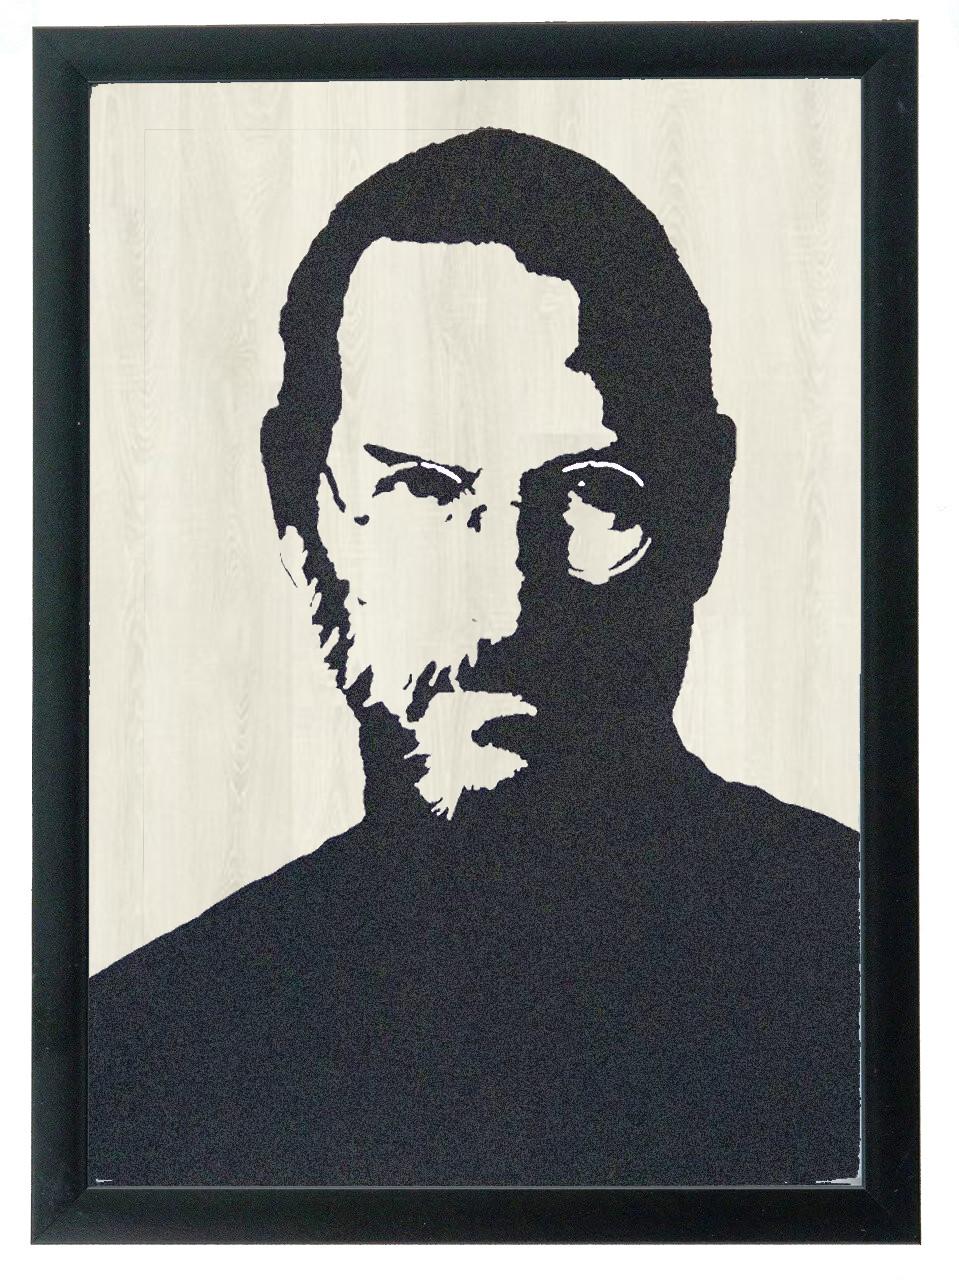 """Постер """"Jobs"""" гравировка на деревянной основе 30Х40 БЕСПЛАТНАЯ ДОСТАВКА"""